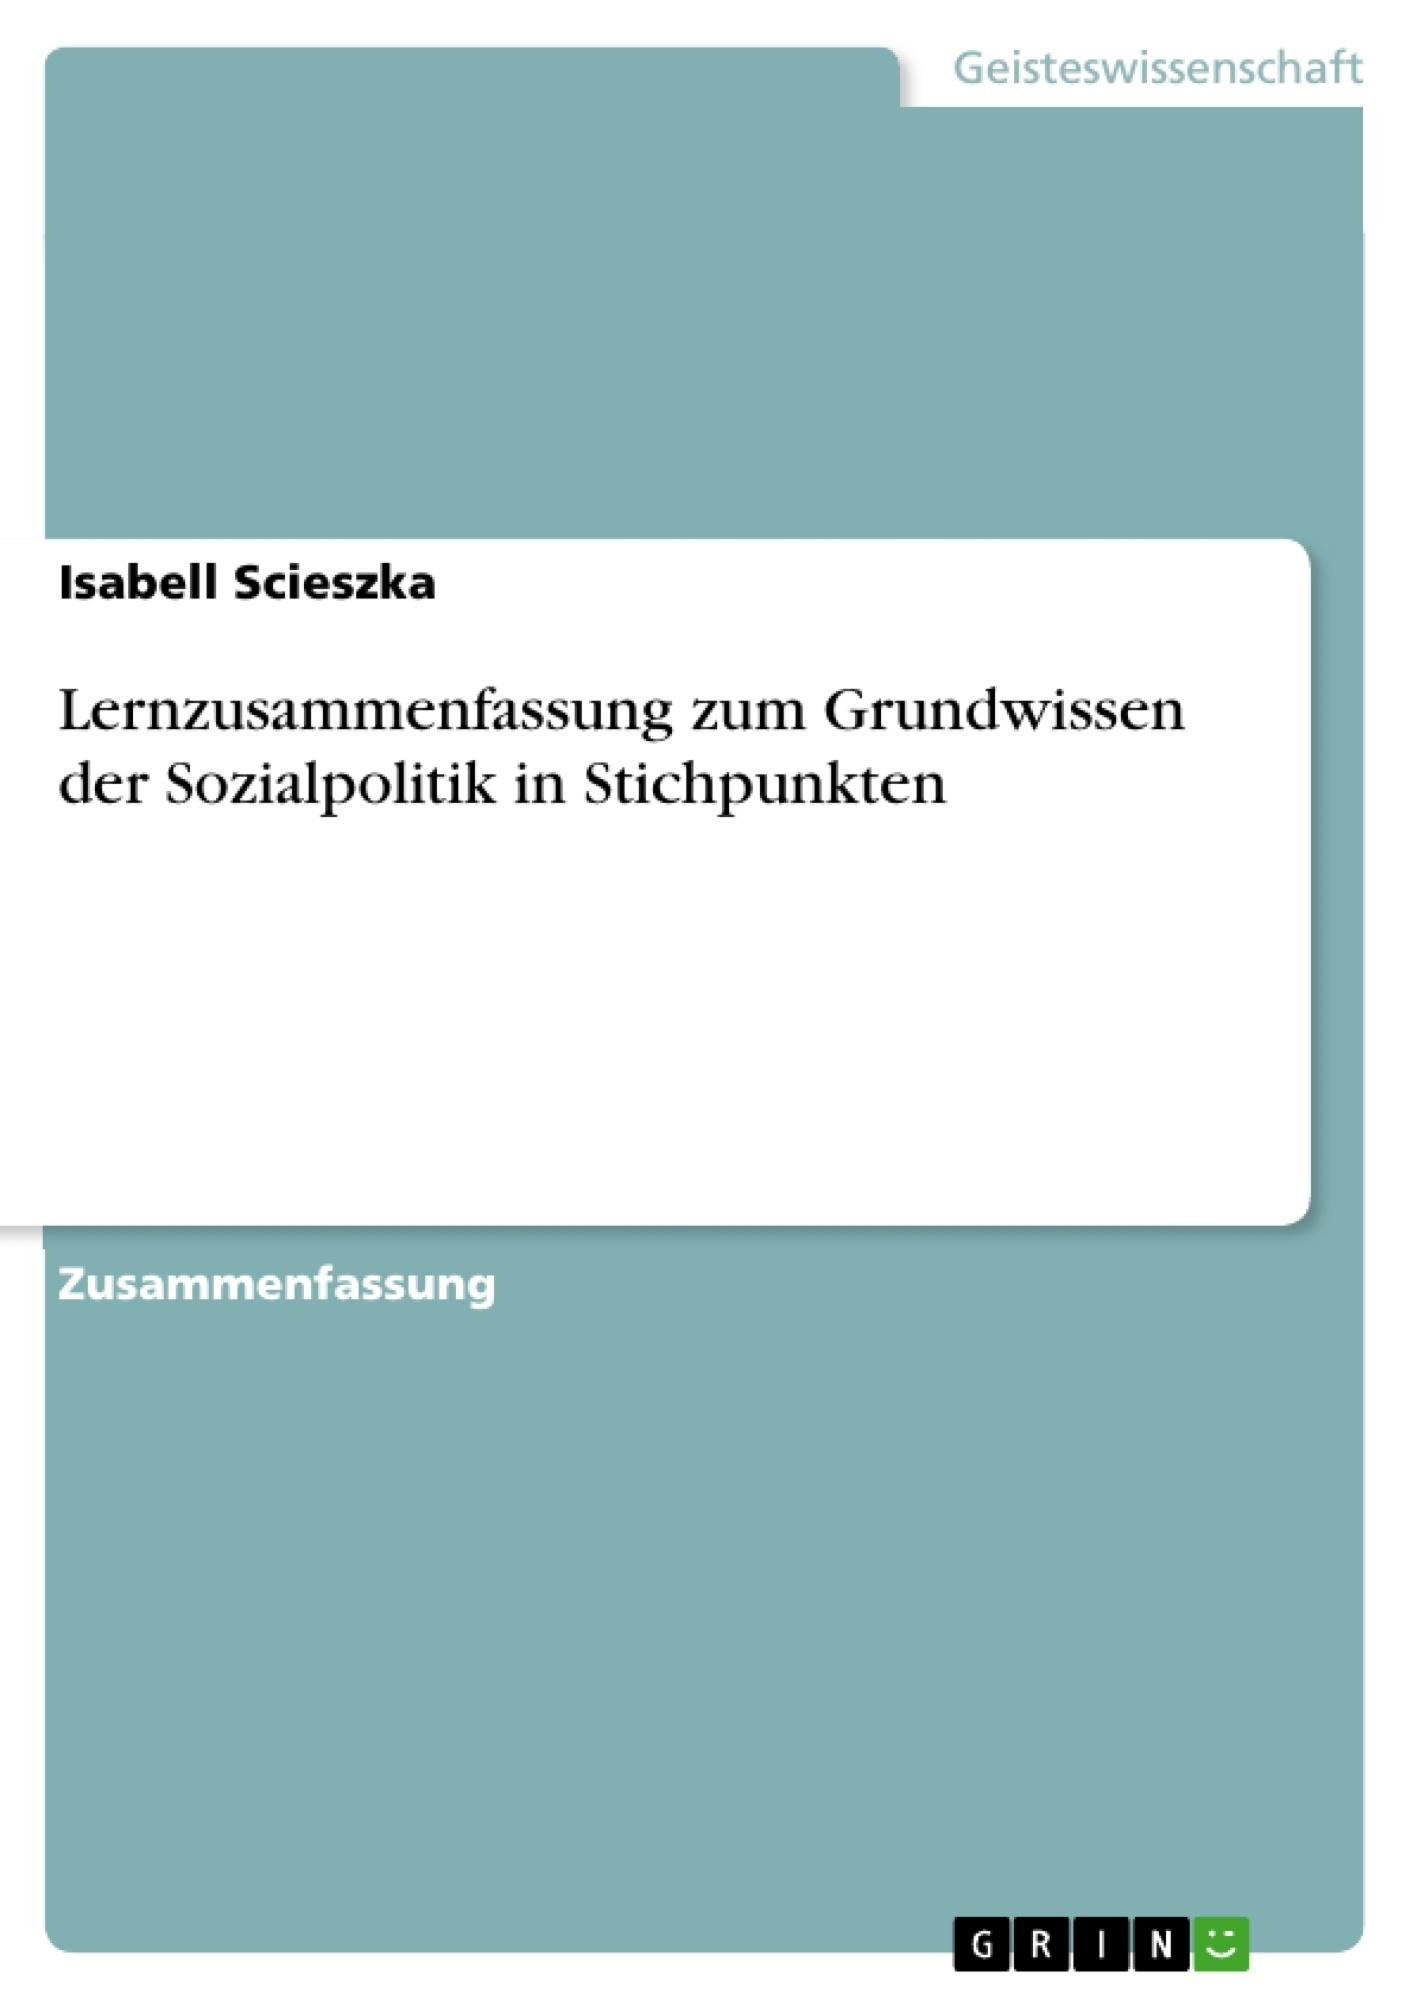 Titel: Lernzusammenfassung zum Grundwissen der Sozialpolitik in Stichpunkten